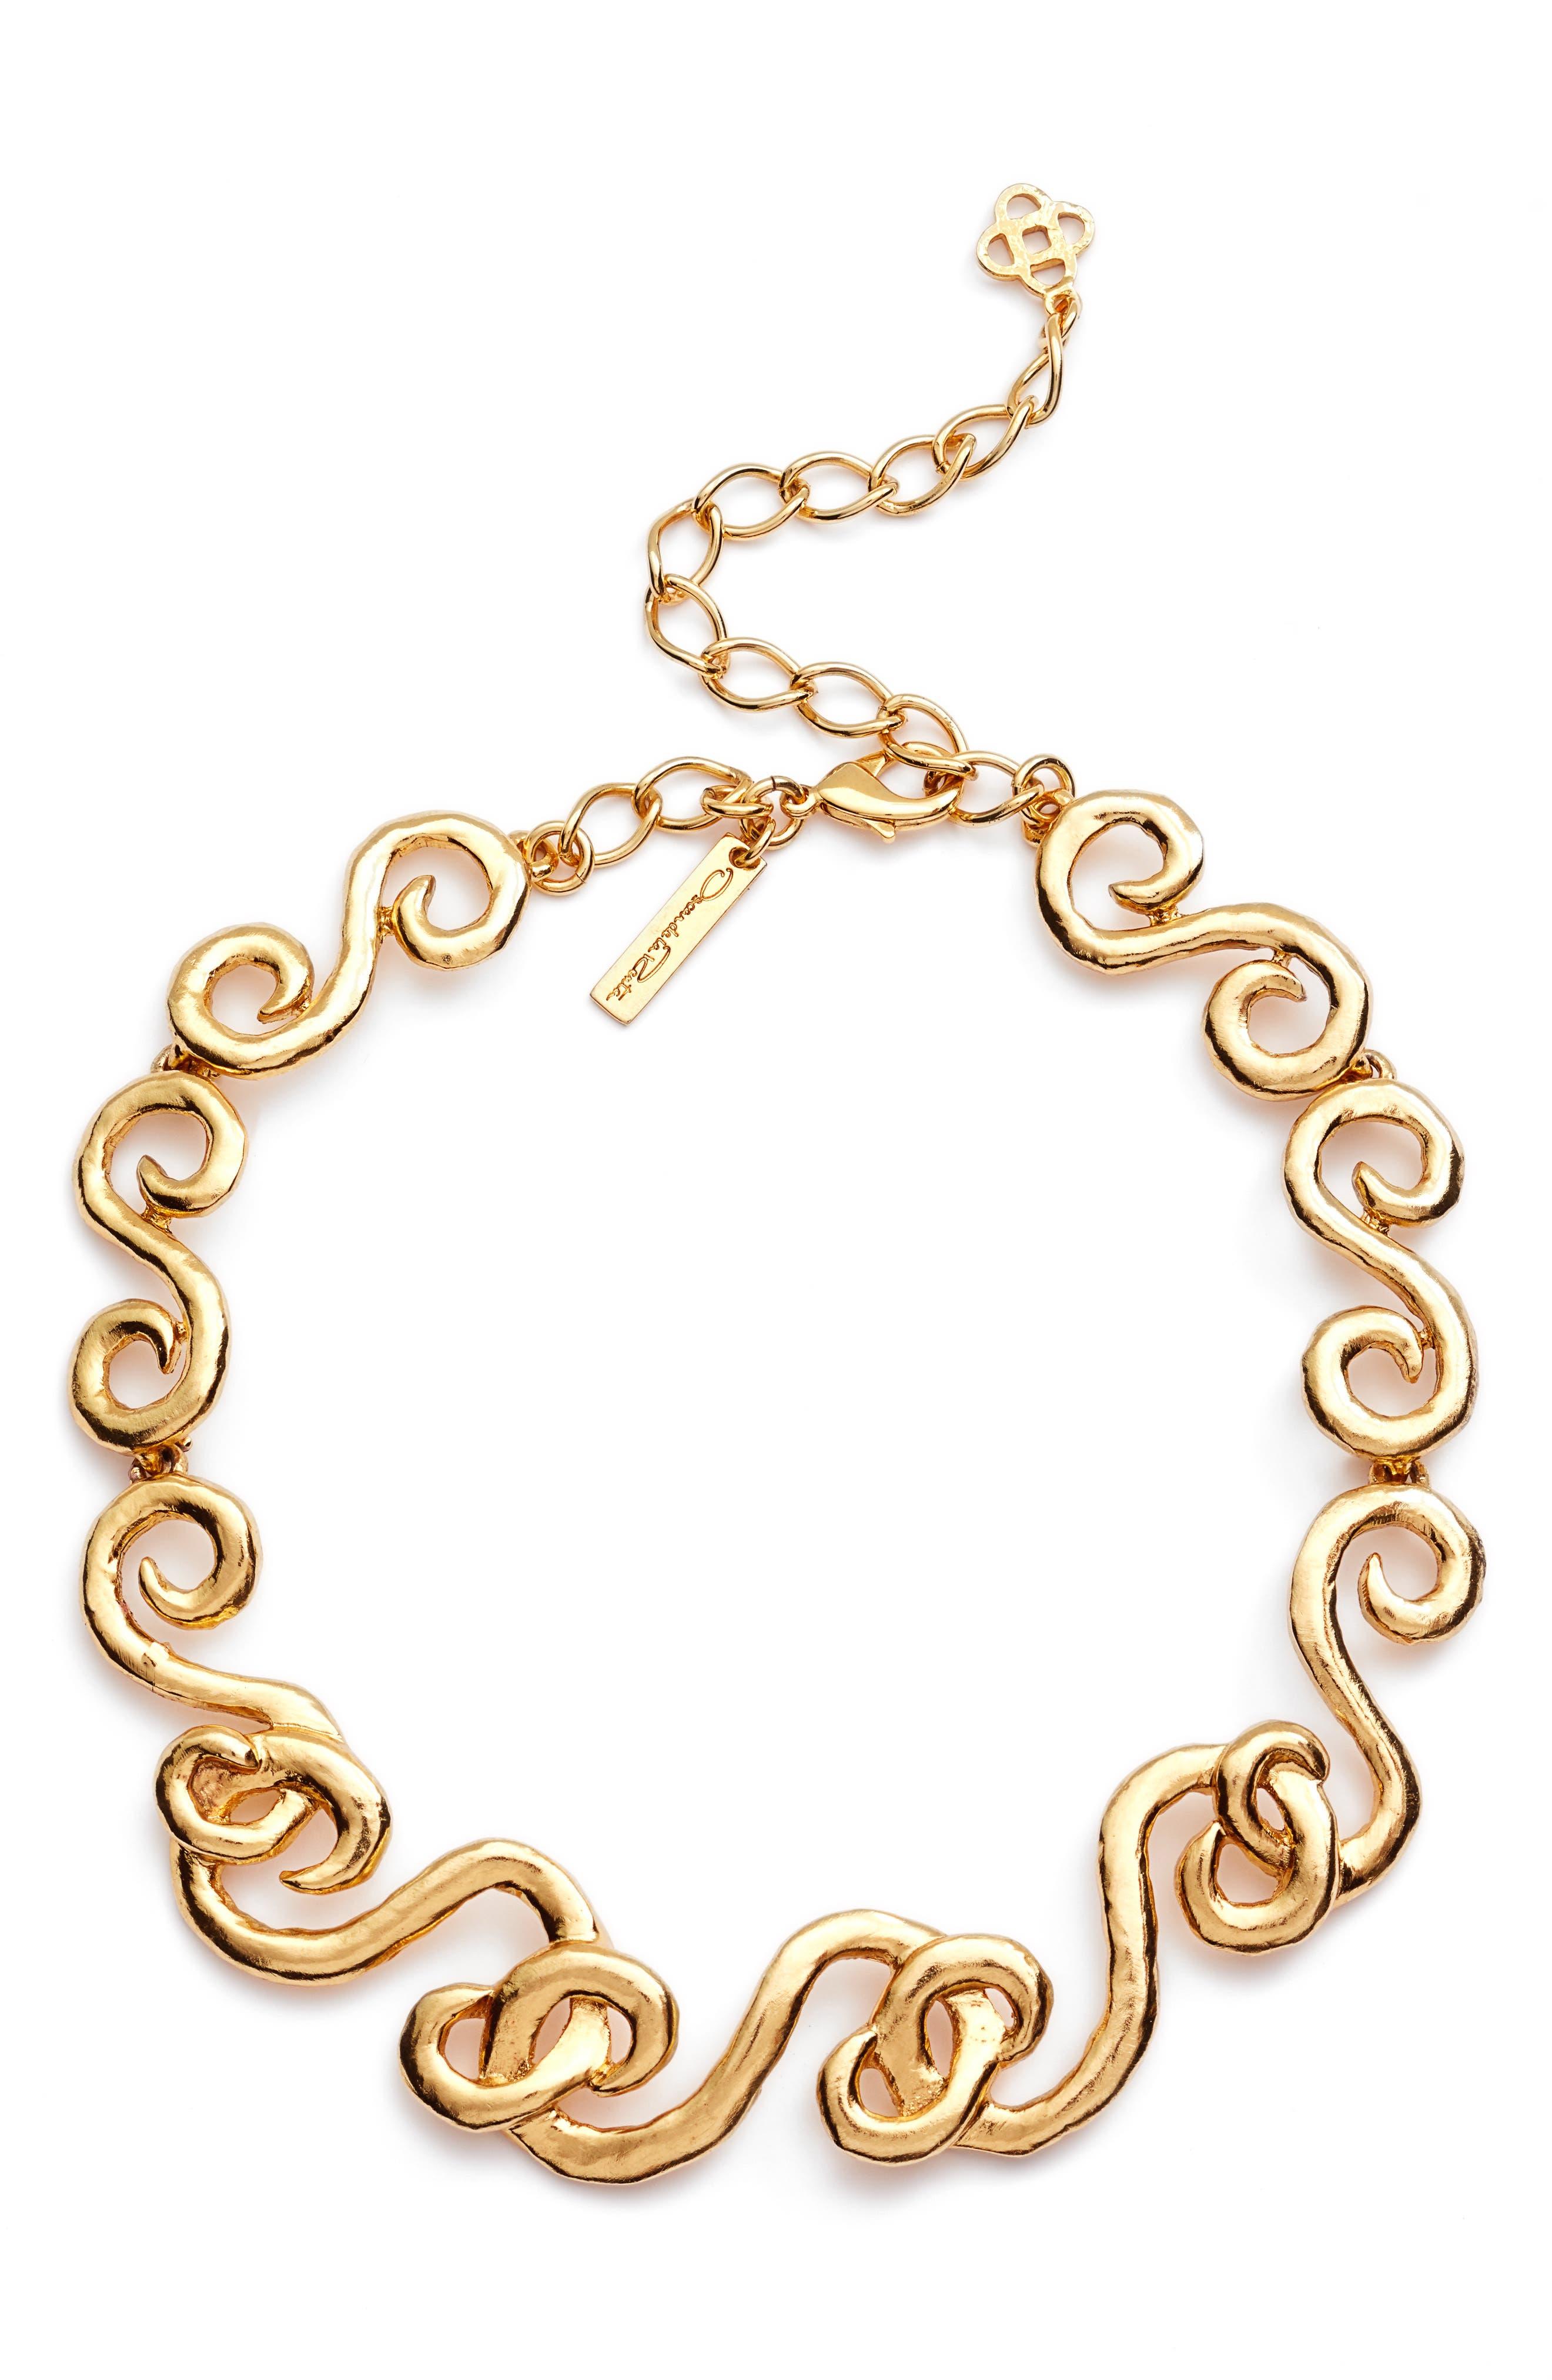 Oscar de la Renta Swirl Necklace